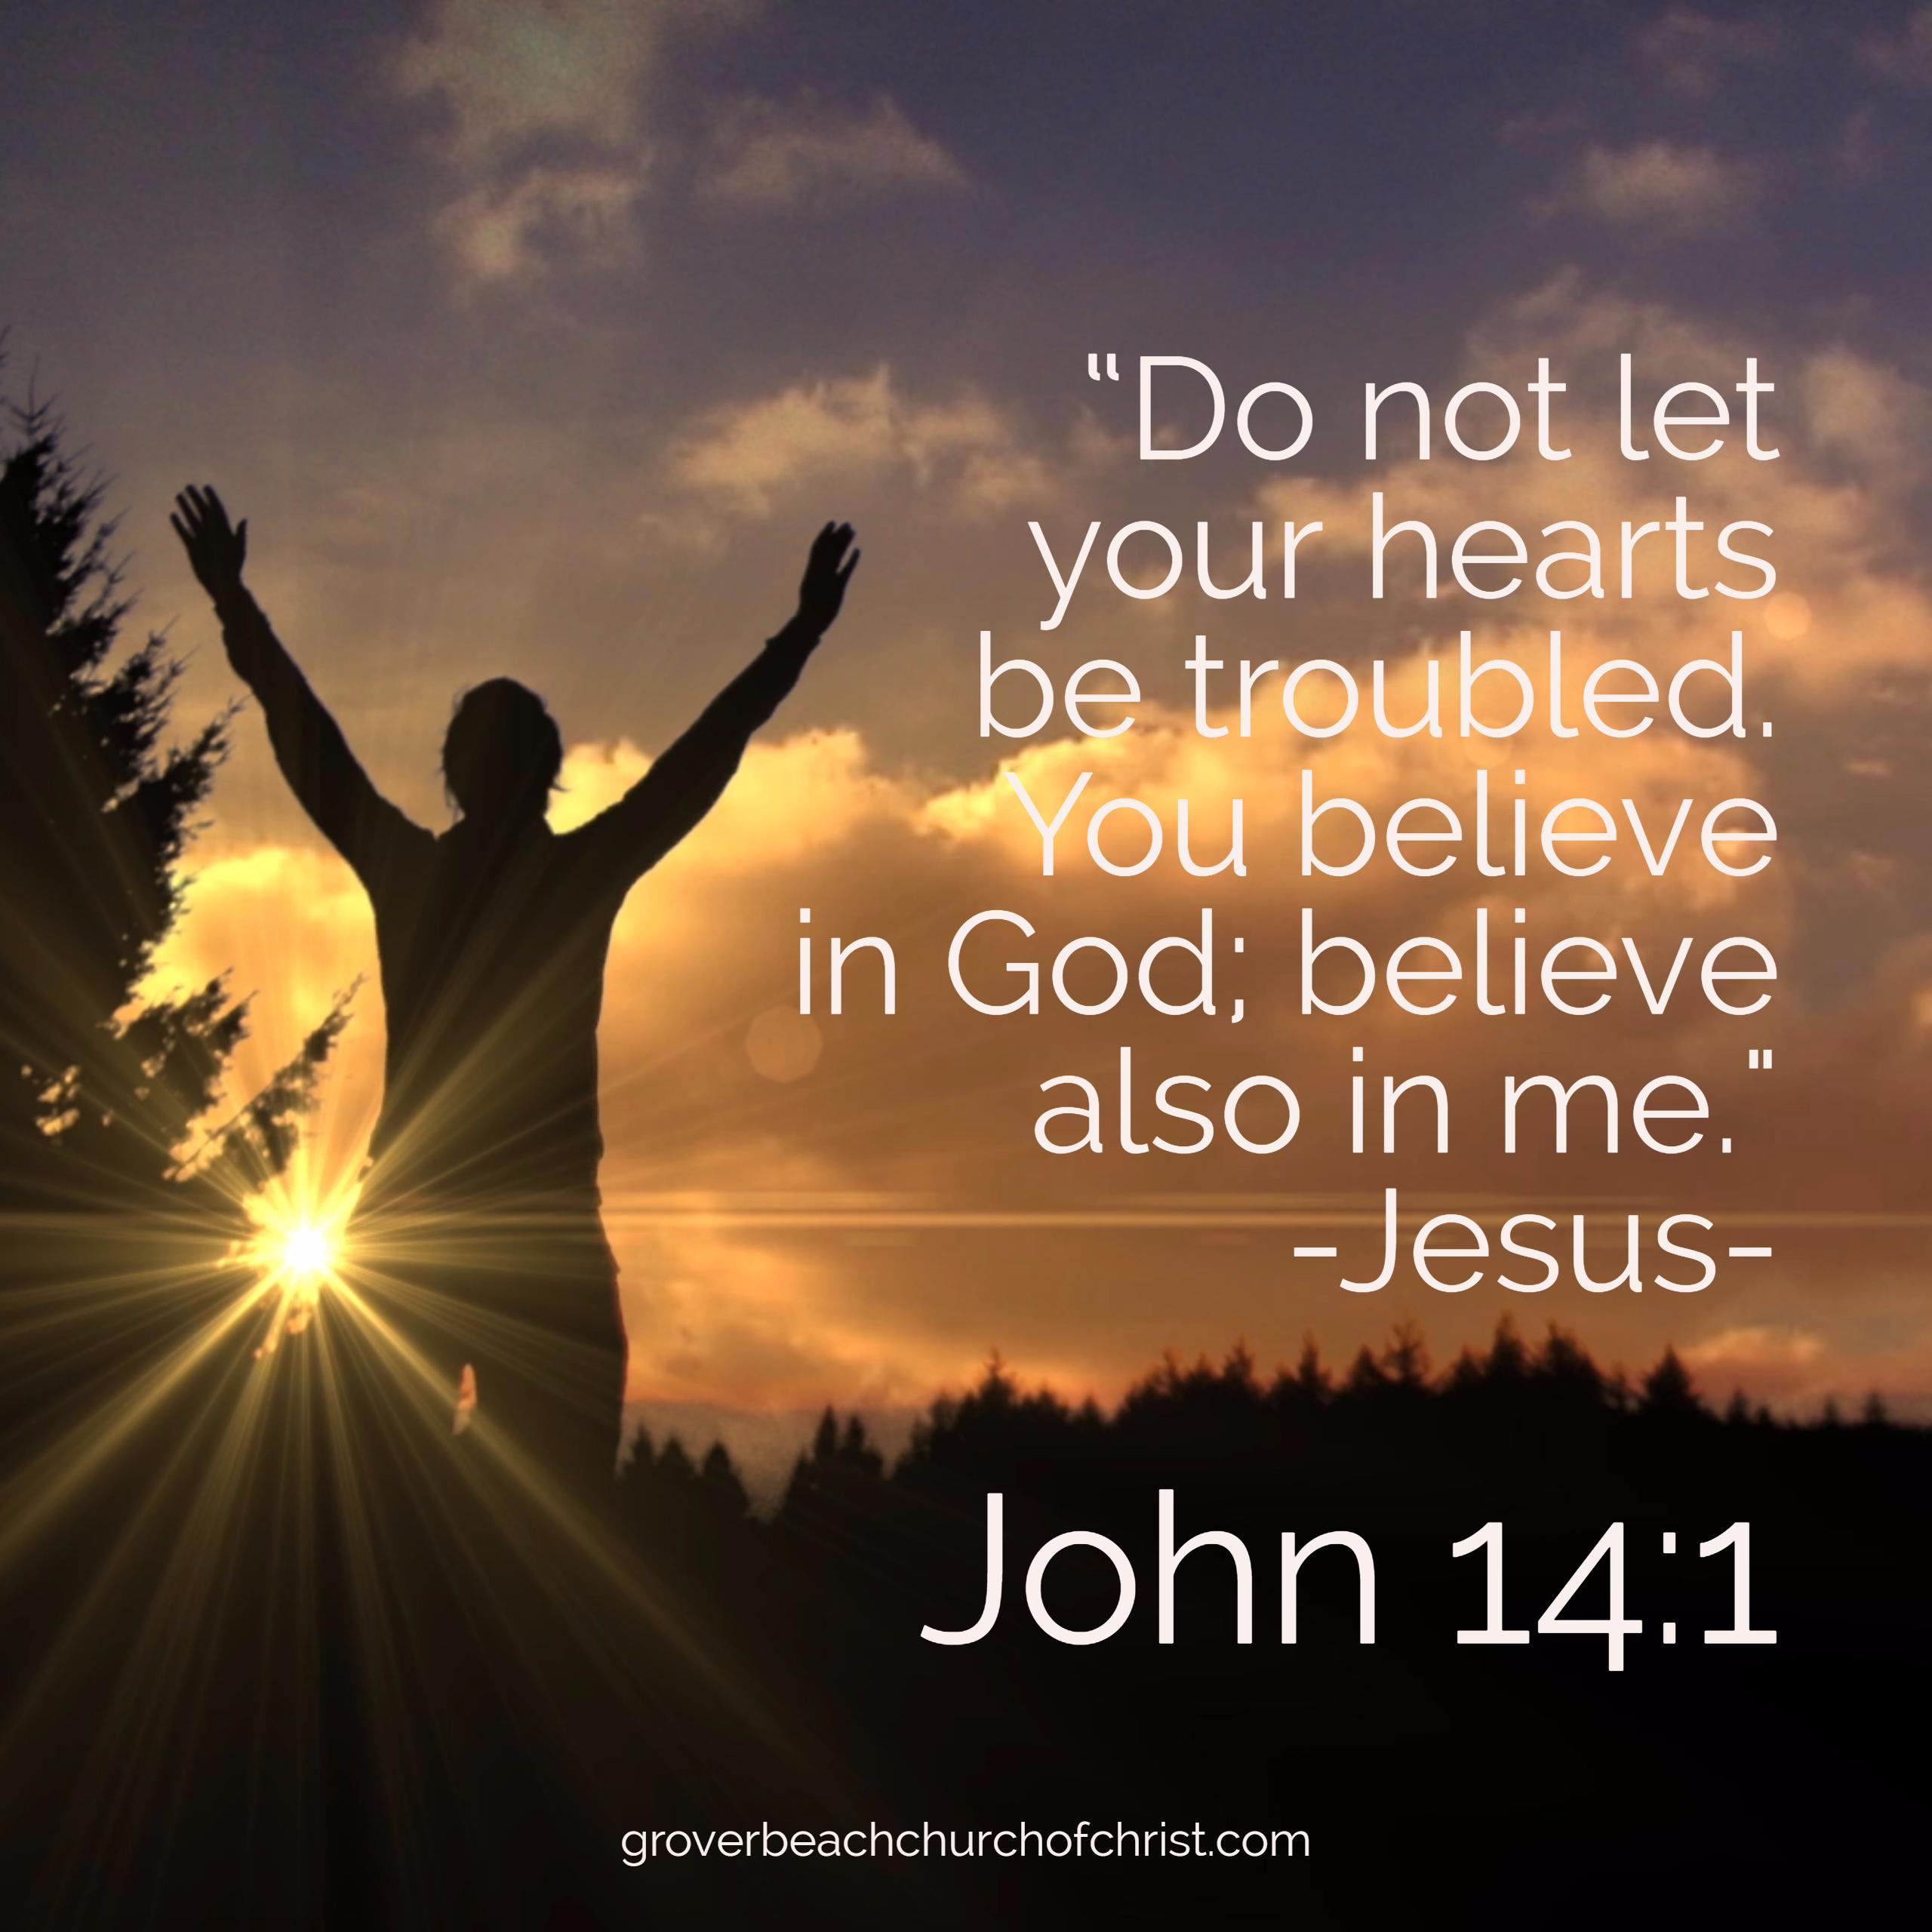 Luke 14:1 Do not let